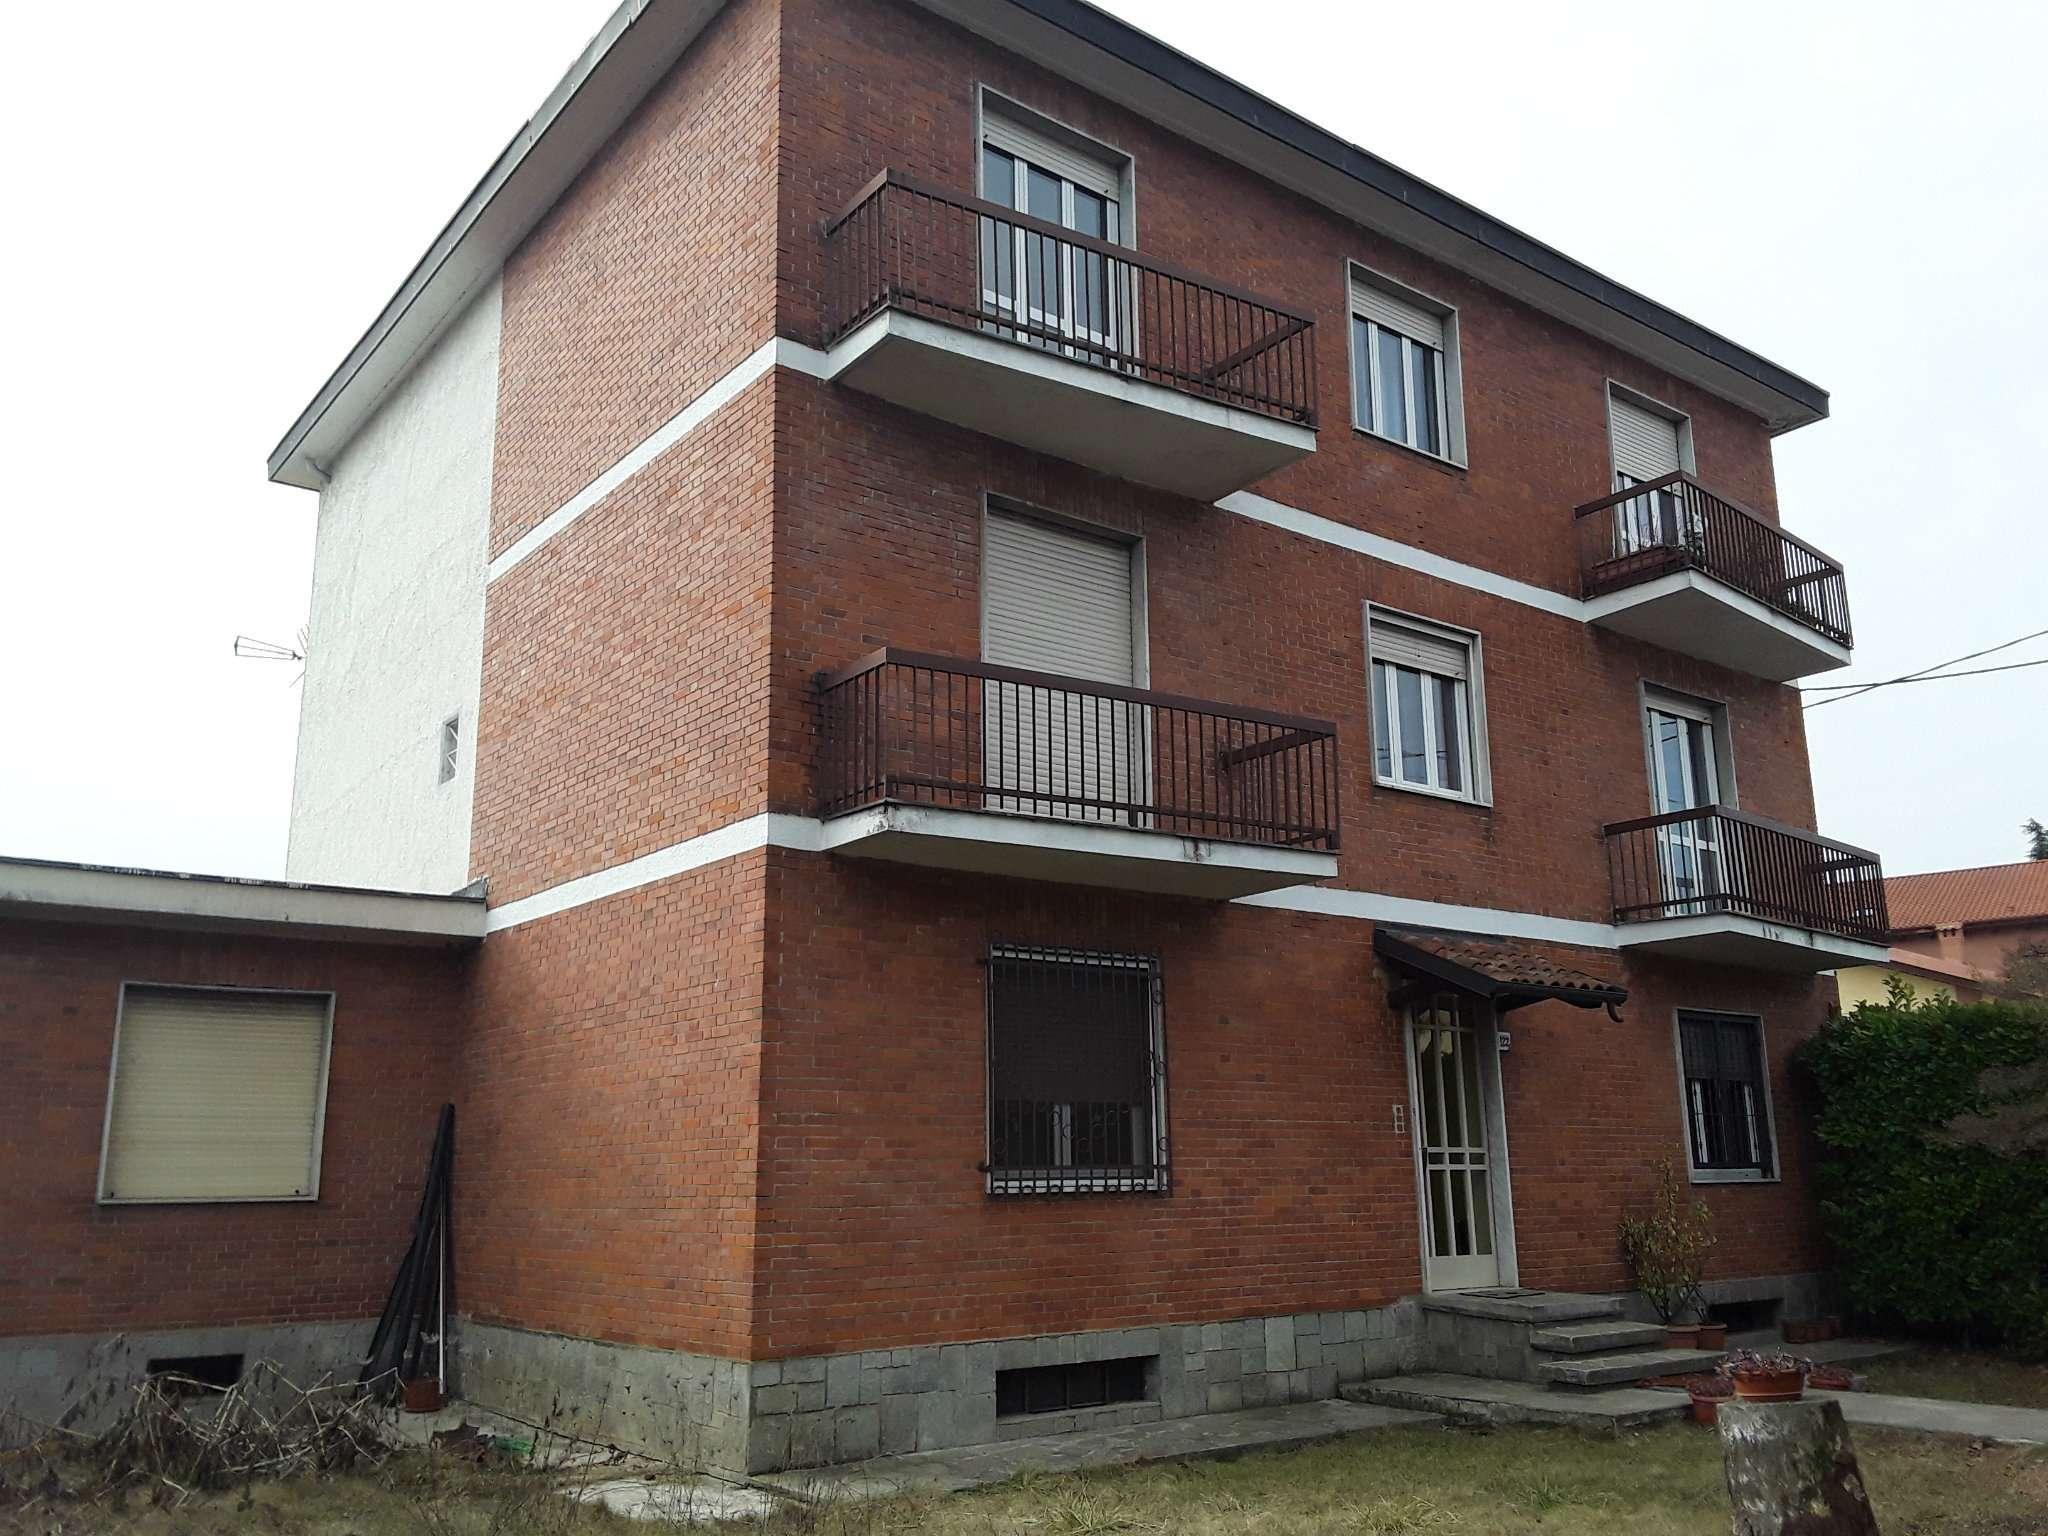 Appartamento in vendita a San Gillio, 3 locali, prezzo € 110.000 | CambioCasa.it